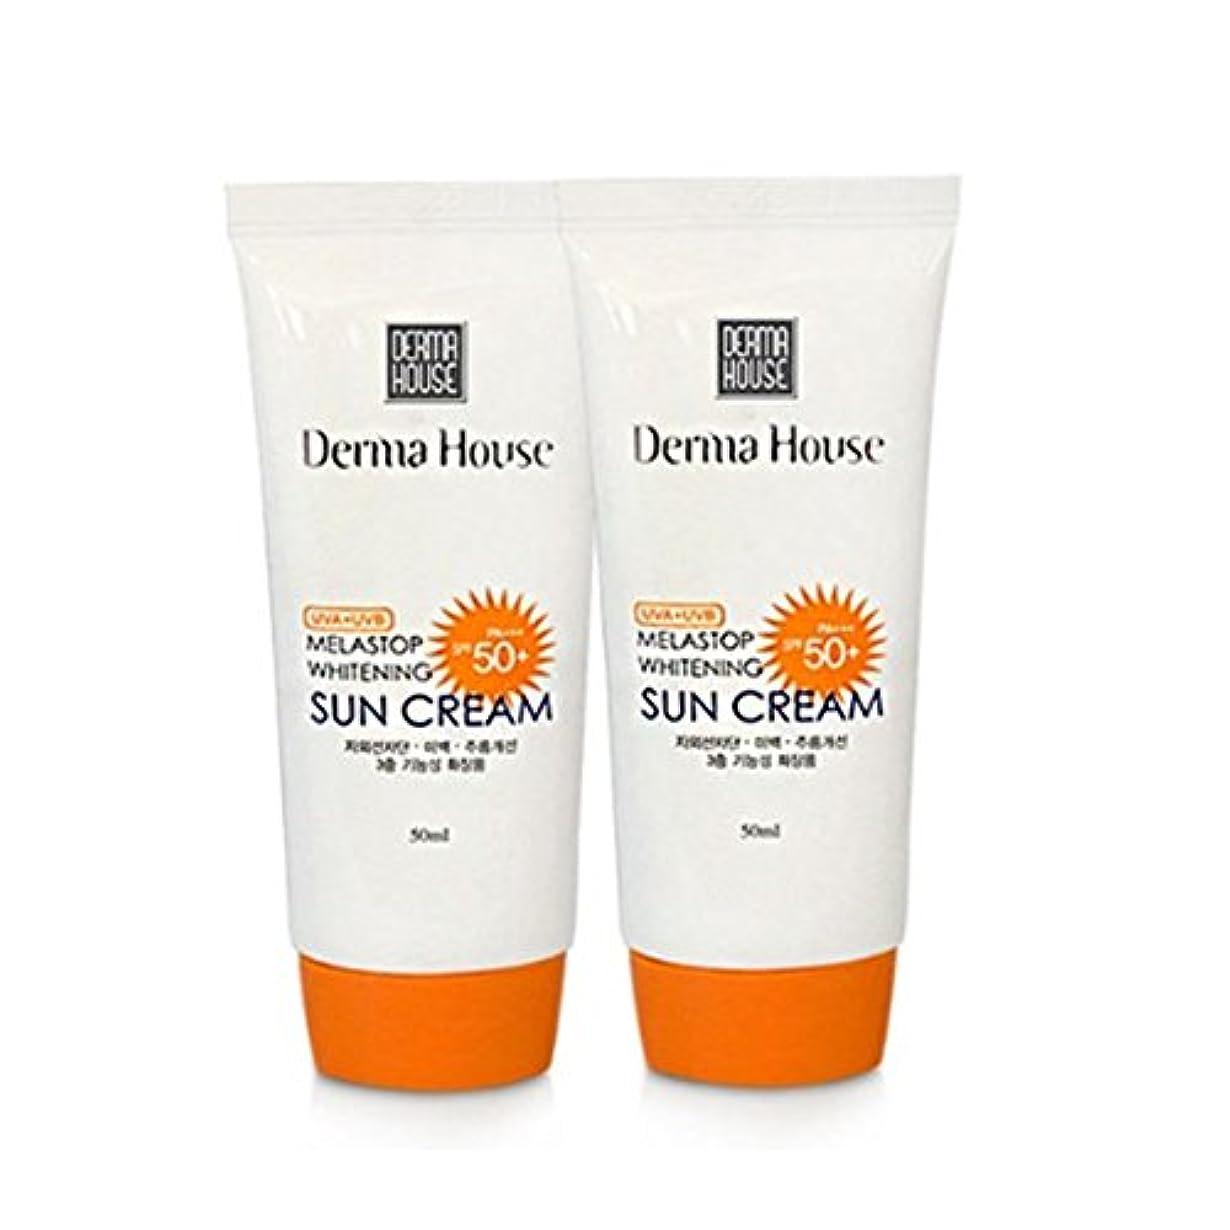 主権者集中ピカソドマハウス(Derma House) メルラストップホワイトニングサンクリームSPF50+PA+++50ml x 2本セットDerma House Melastop Whitening Sun Cream SPF50+PA...